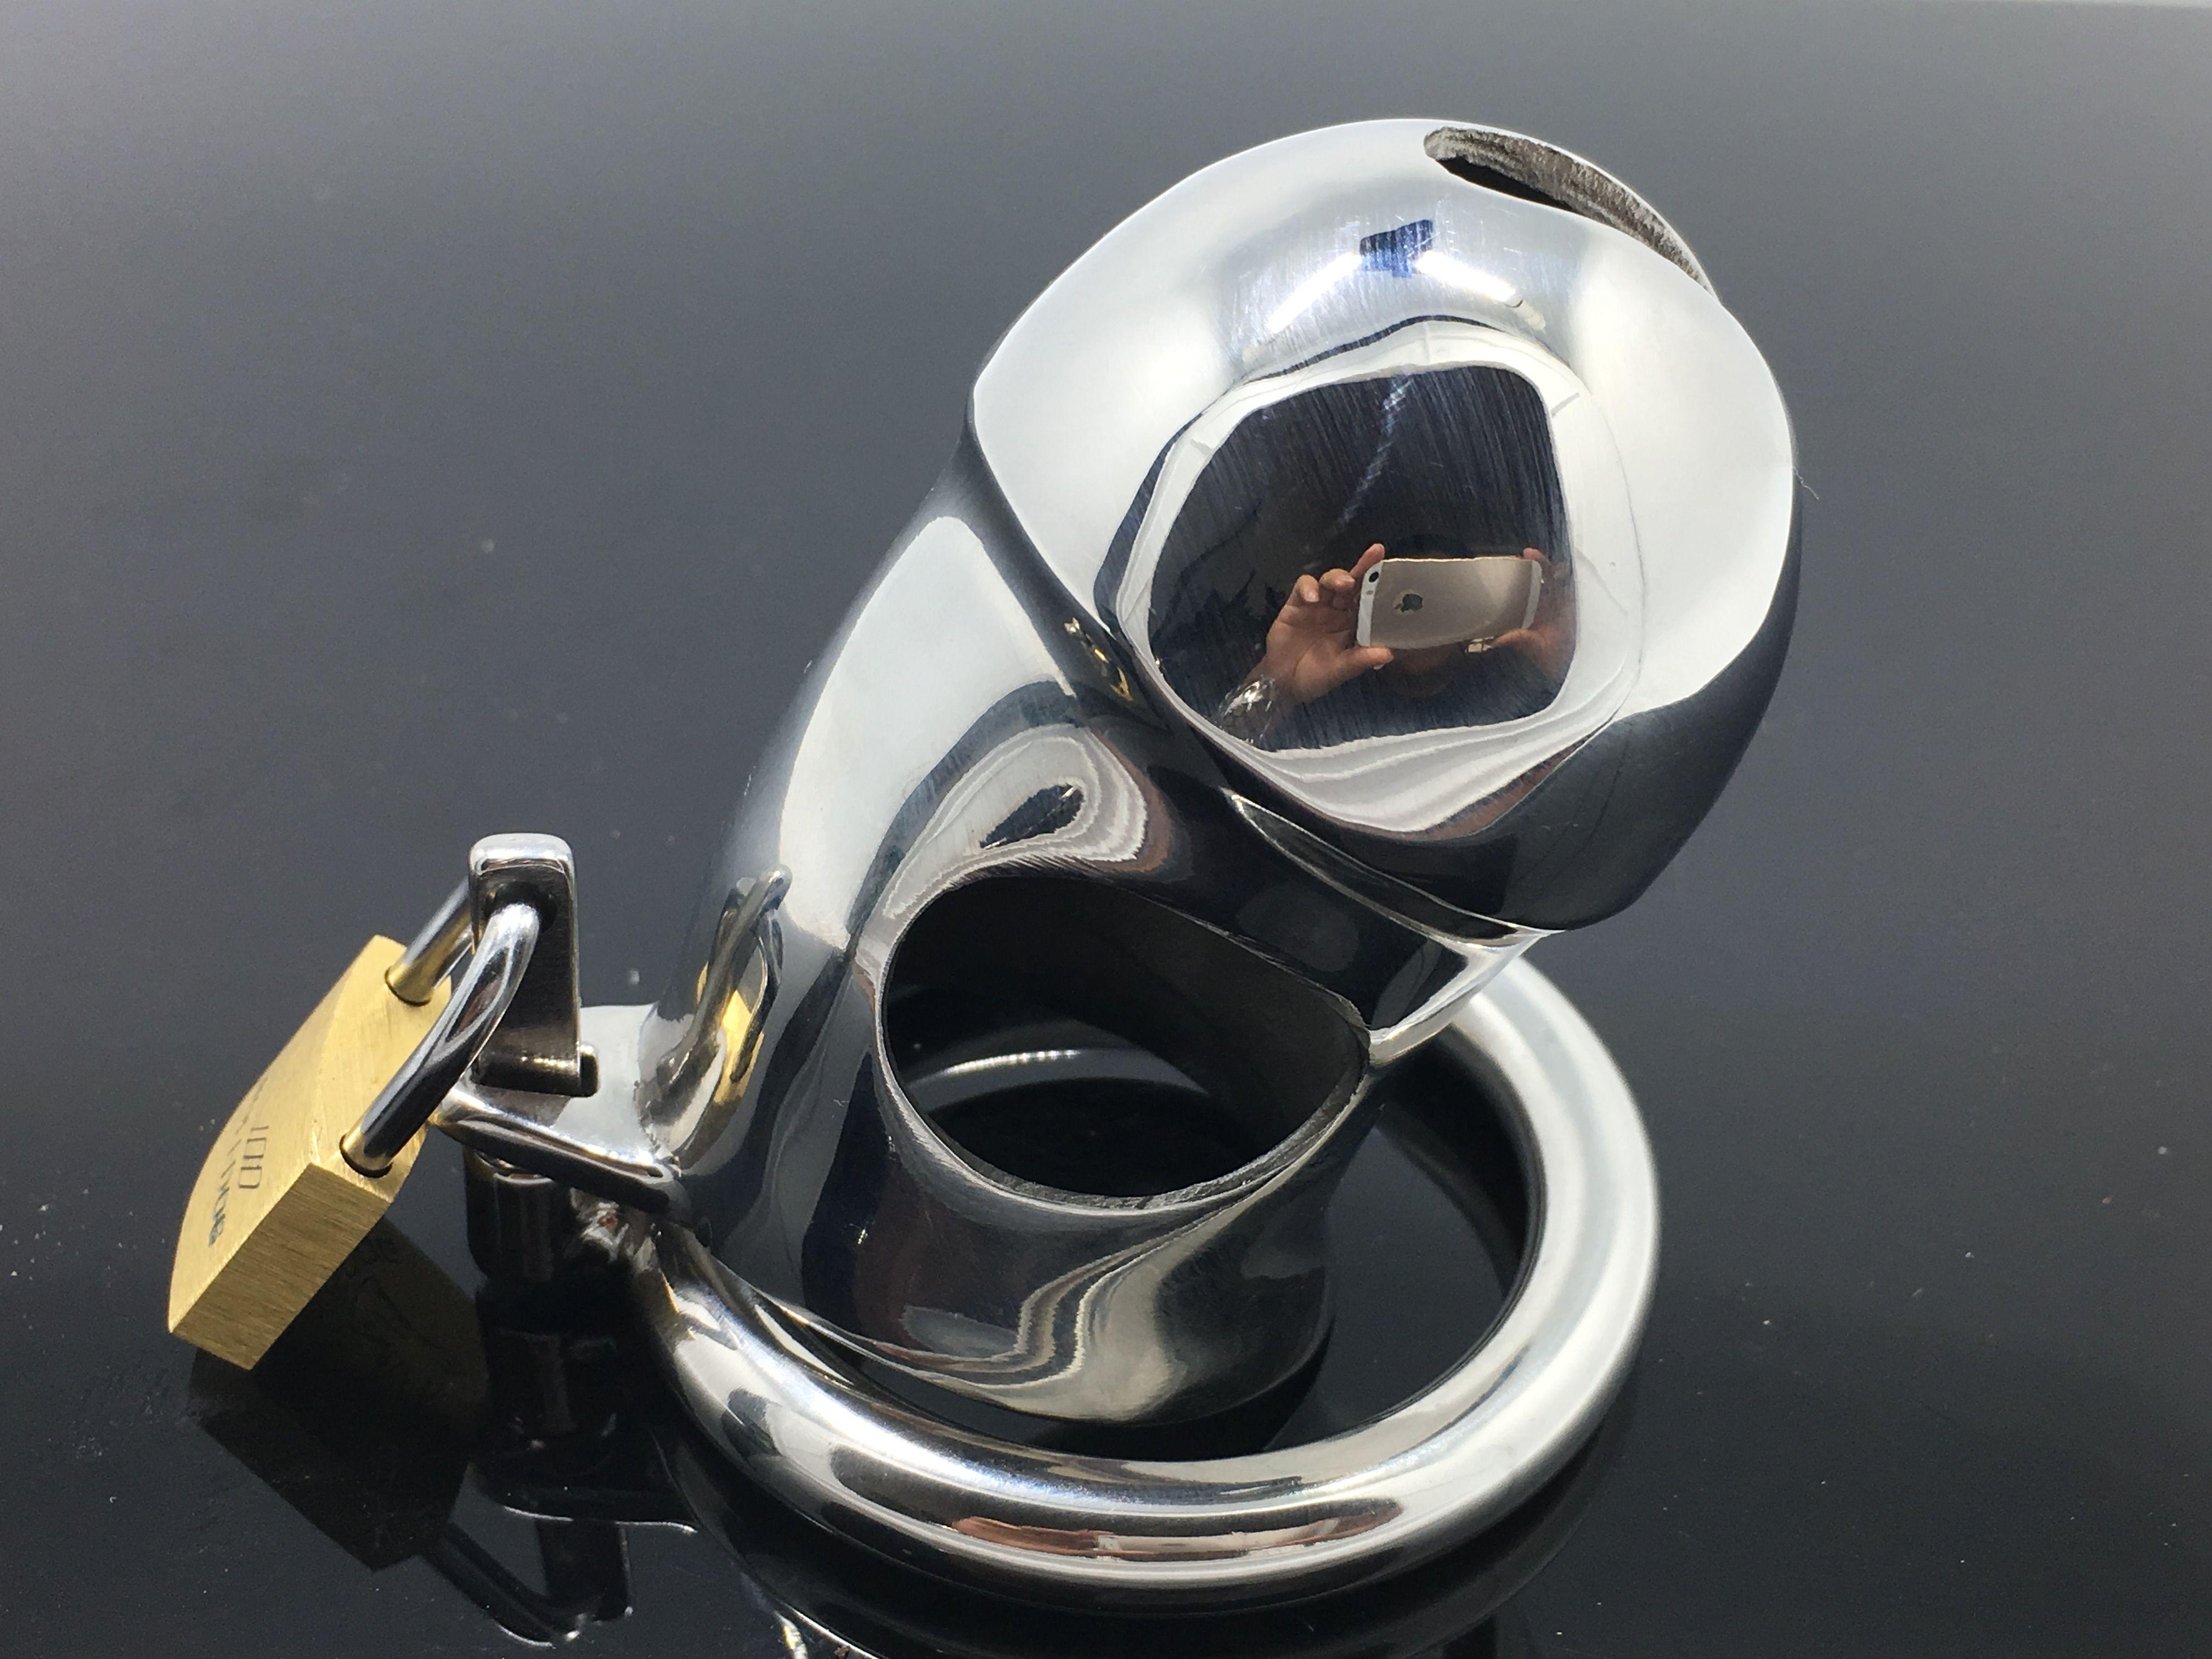 2018 heißer verkauf das neueste design der männlichen ring edelstahl keuschheit metall keuschheitsvorrichtung Der Penis Penis verschlossenen Türen